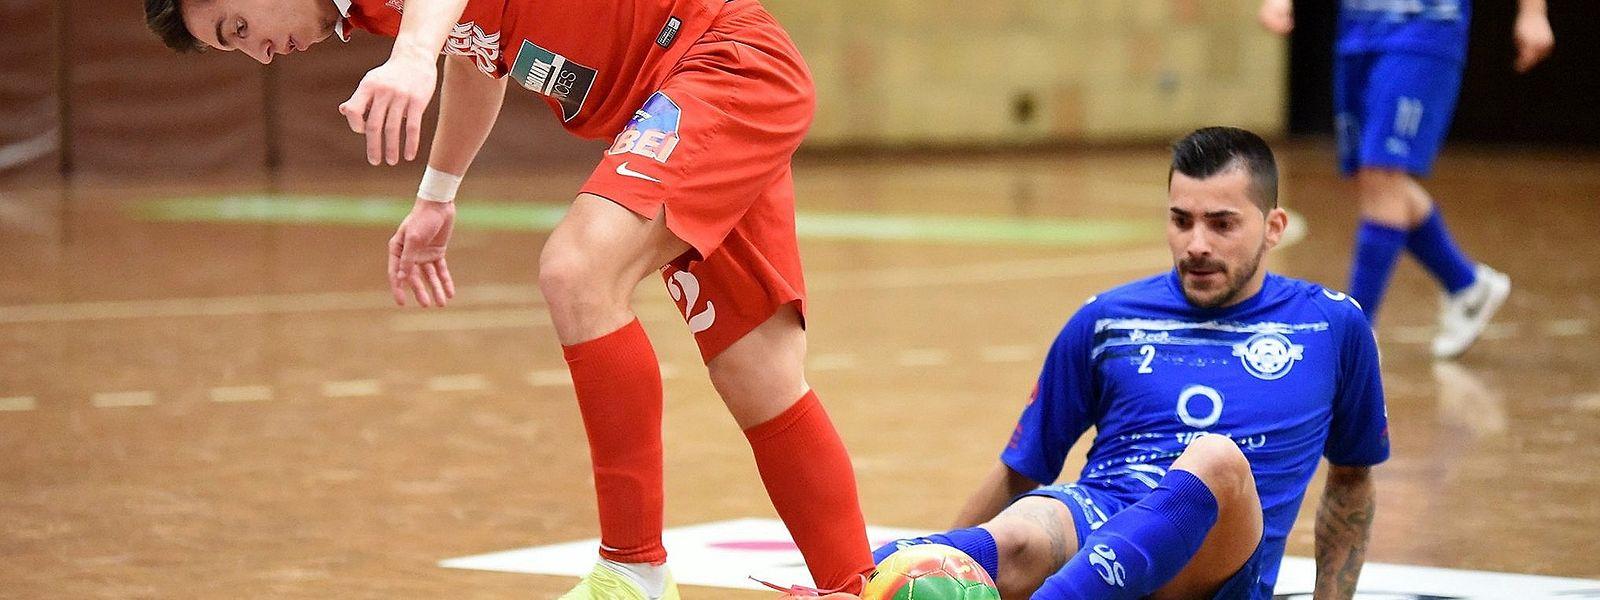 Ruben Oliveira (de vermelho) do FC Differdange 03 e Fernando Correia Ferreira (de azul) da US Esch.